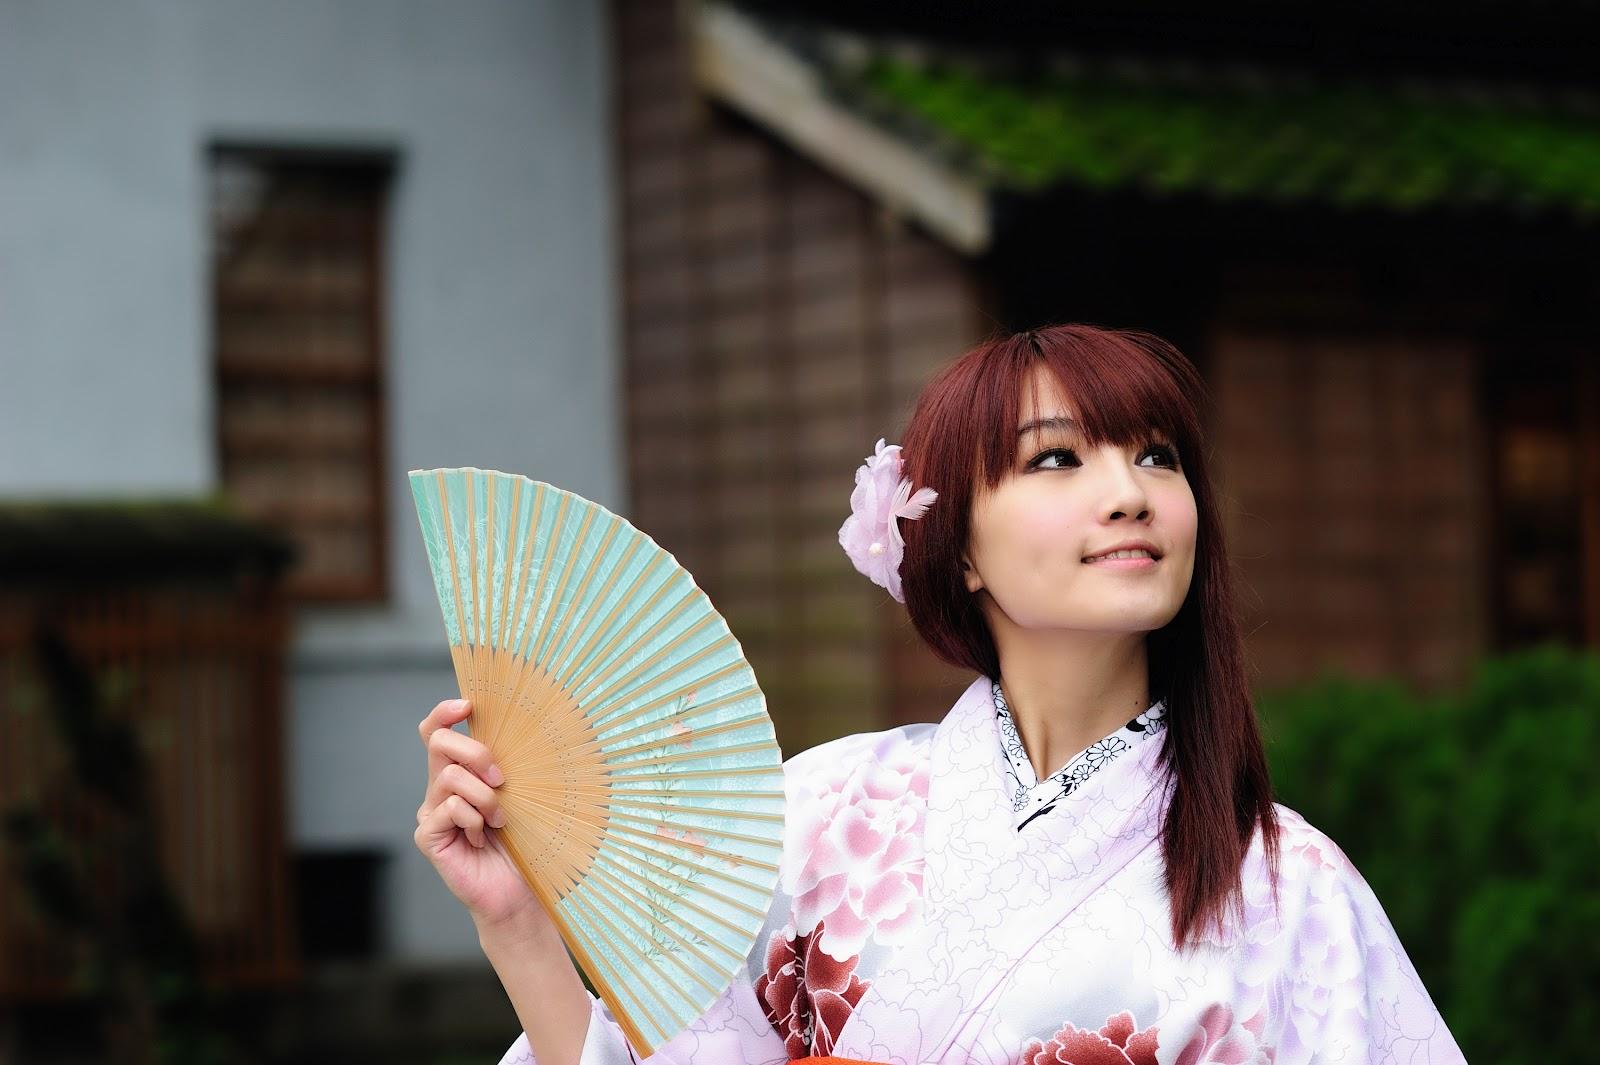 بالصور بنات اليابان , مجموعة من اجمل صور البنات اليابانيات 6083 4